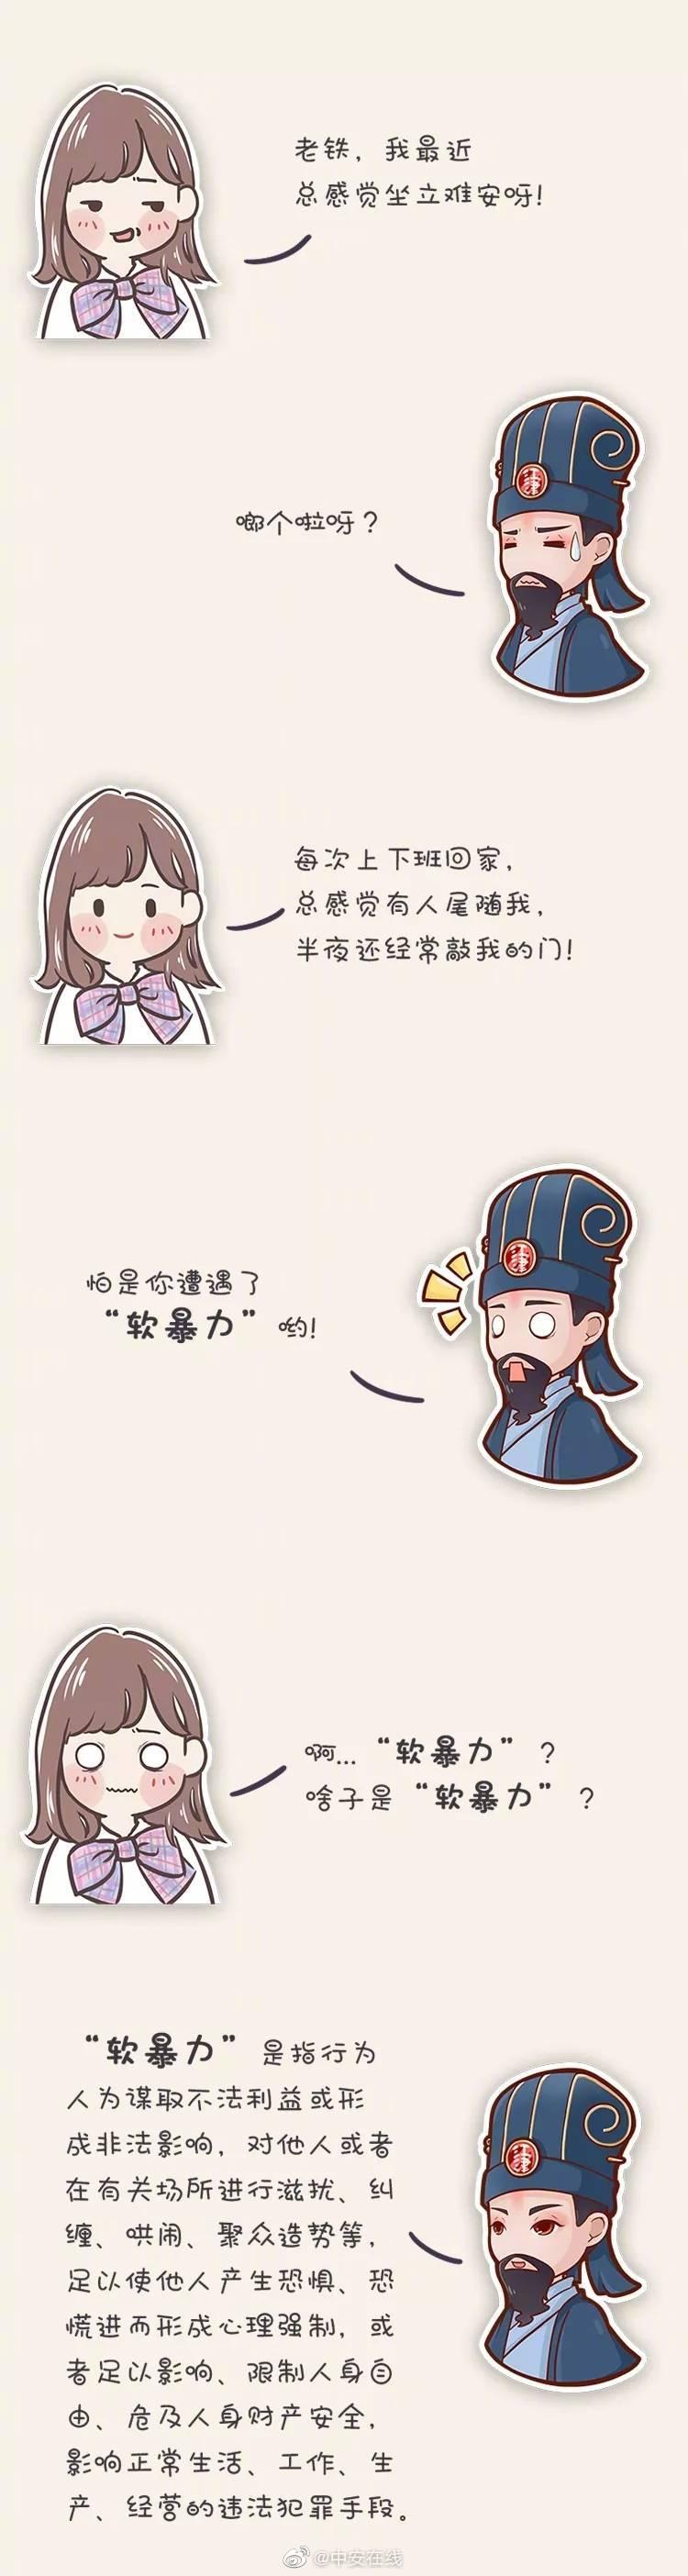 手机赛车游戏_和平精英板娘小薇的游戏id是什么